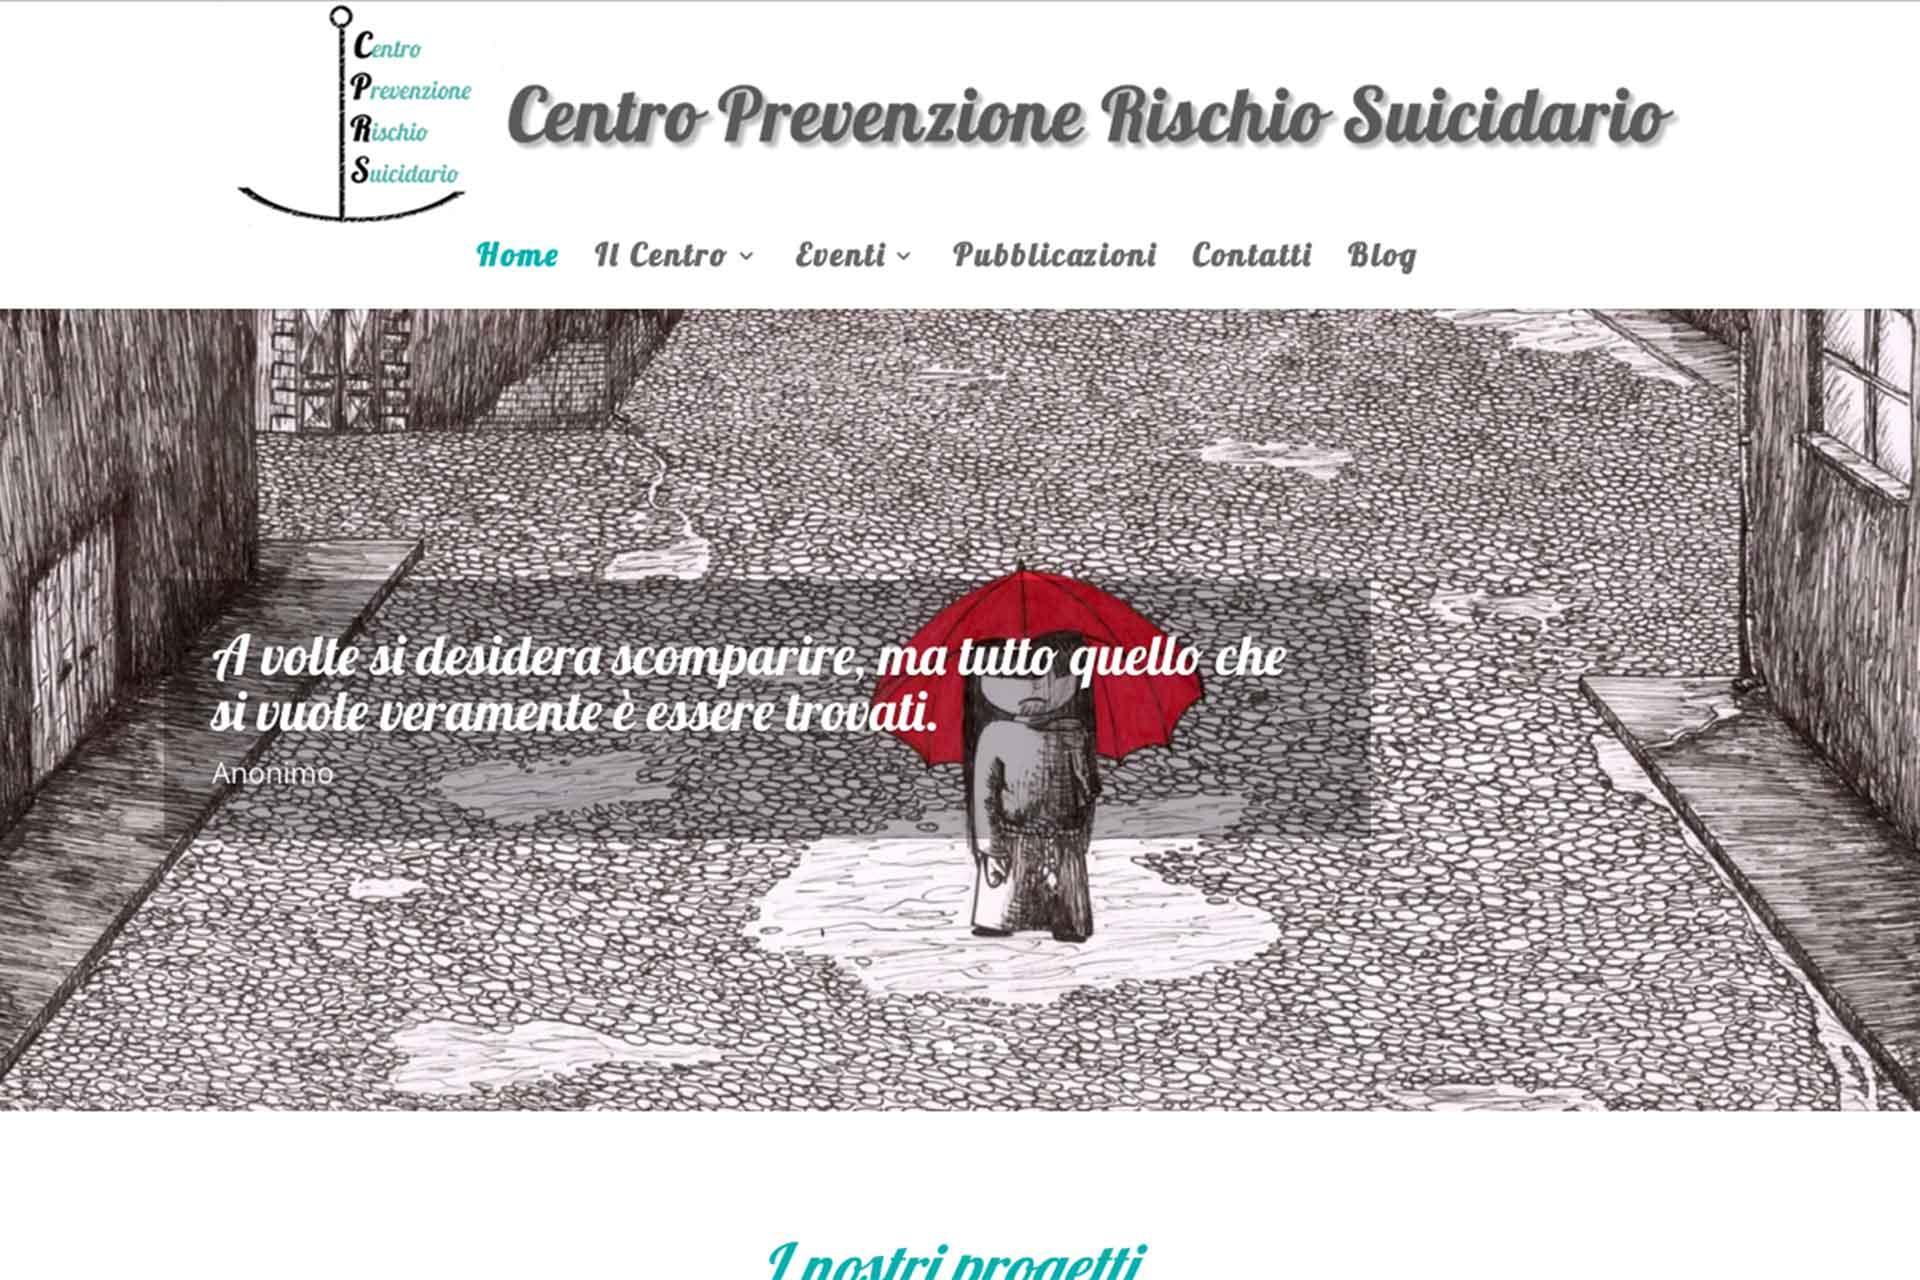 Centro Prevenzione Rischio Suicidario Sito Web